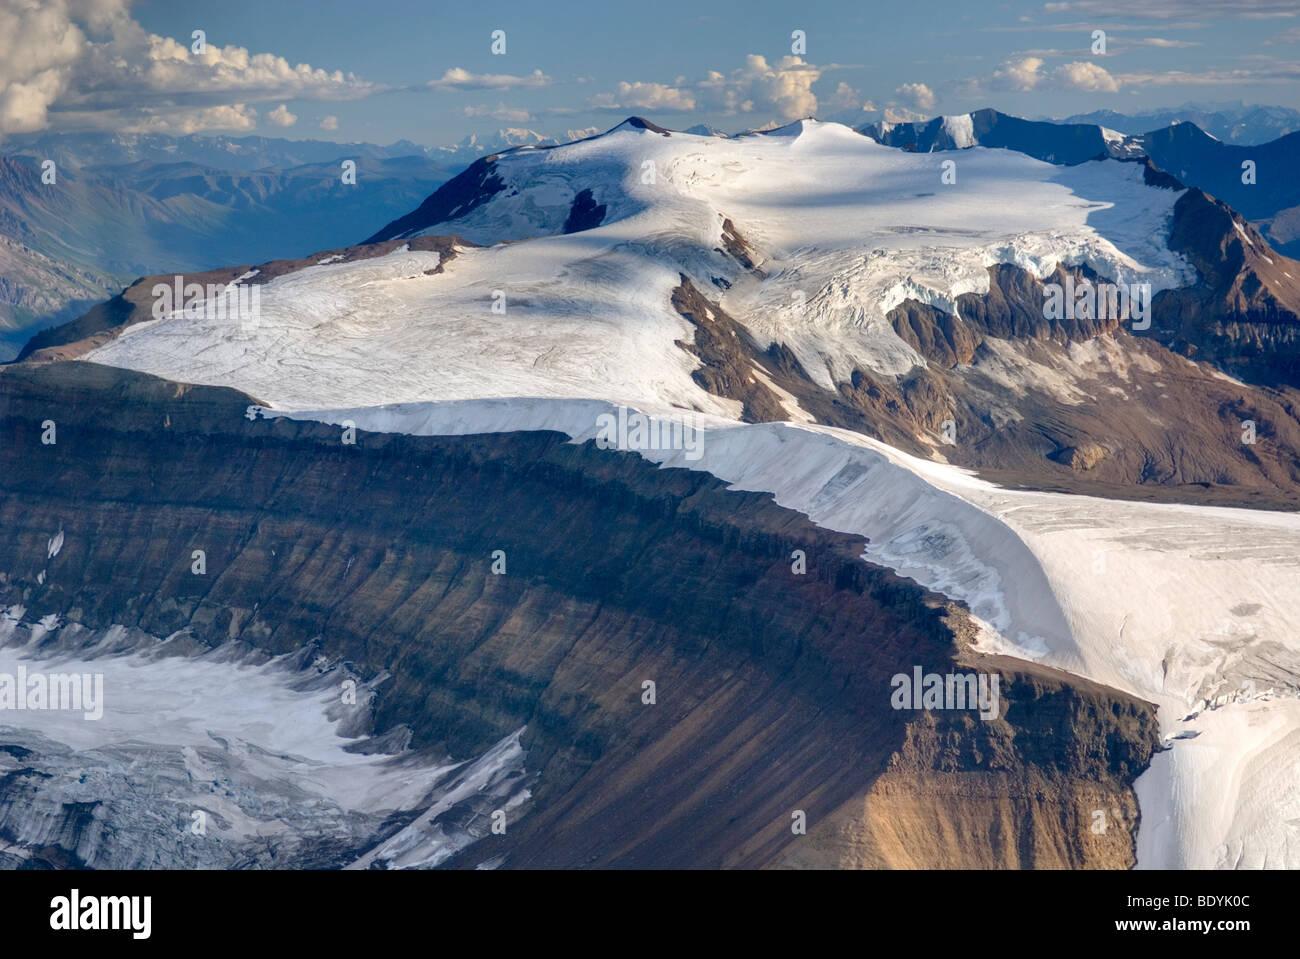 Aerial view of Nizina Mountain, Wrangell-St. Elias National Park Alaska - Stock Image